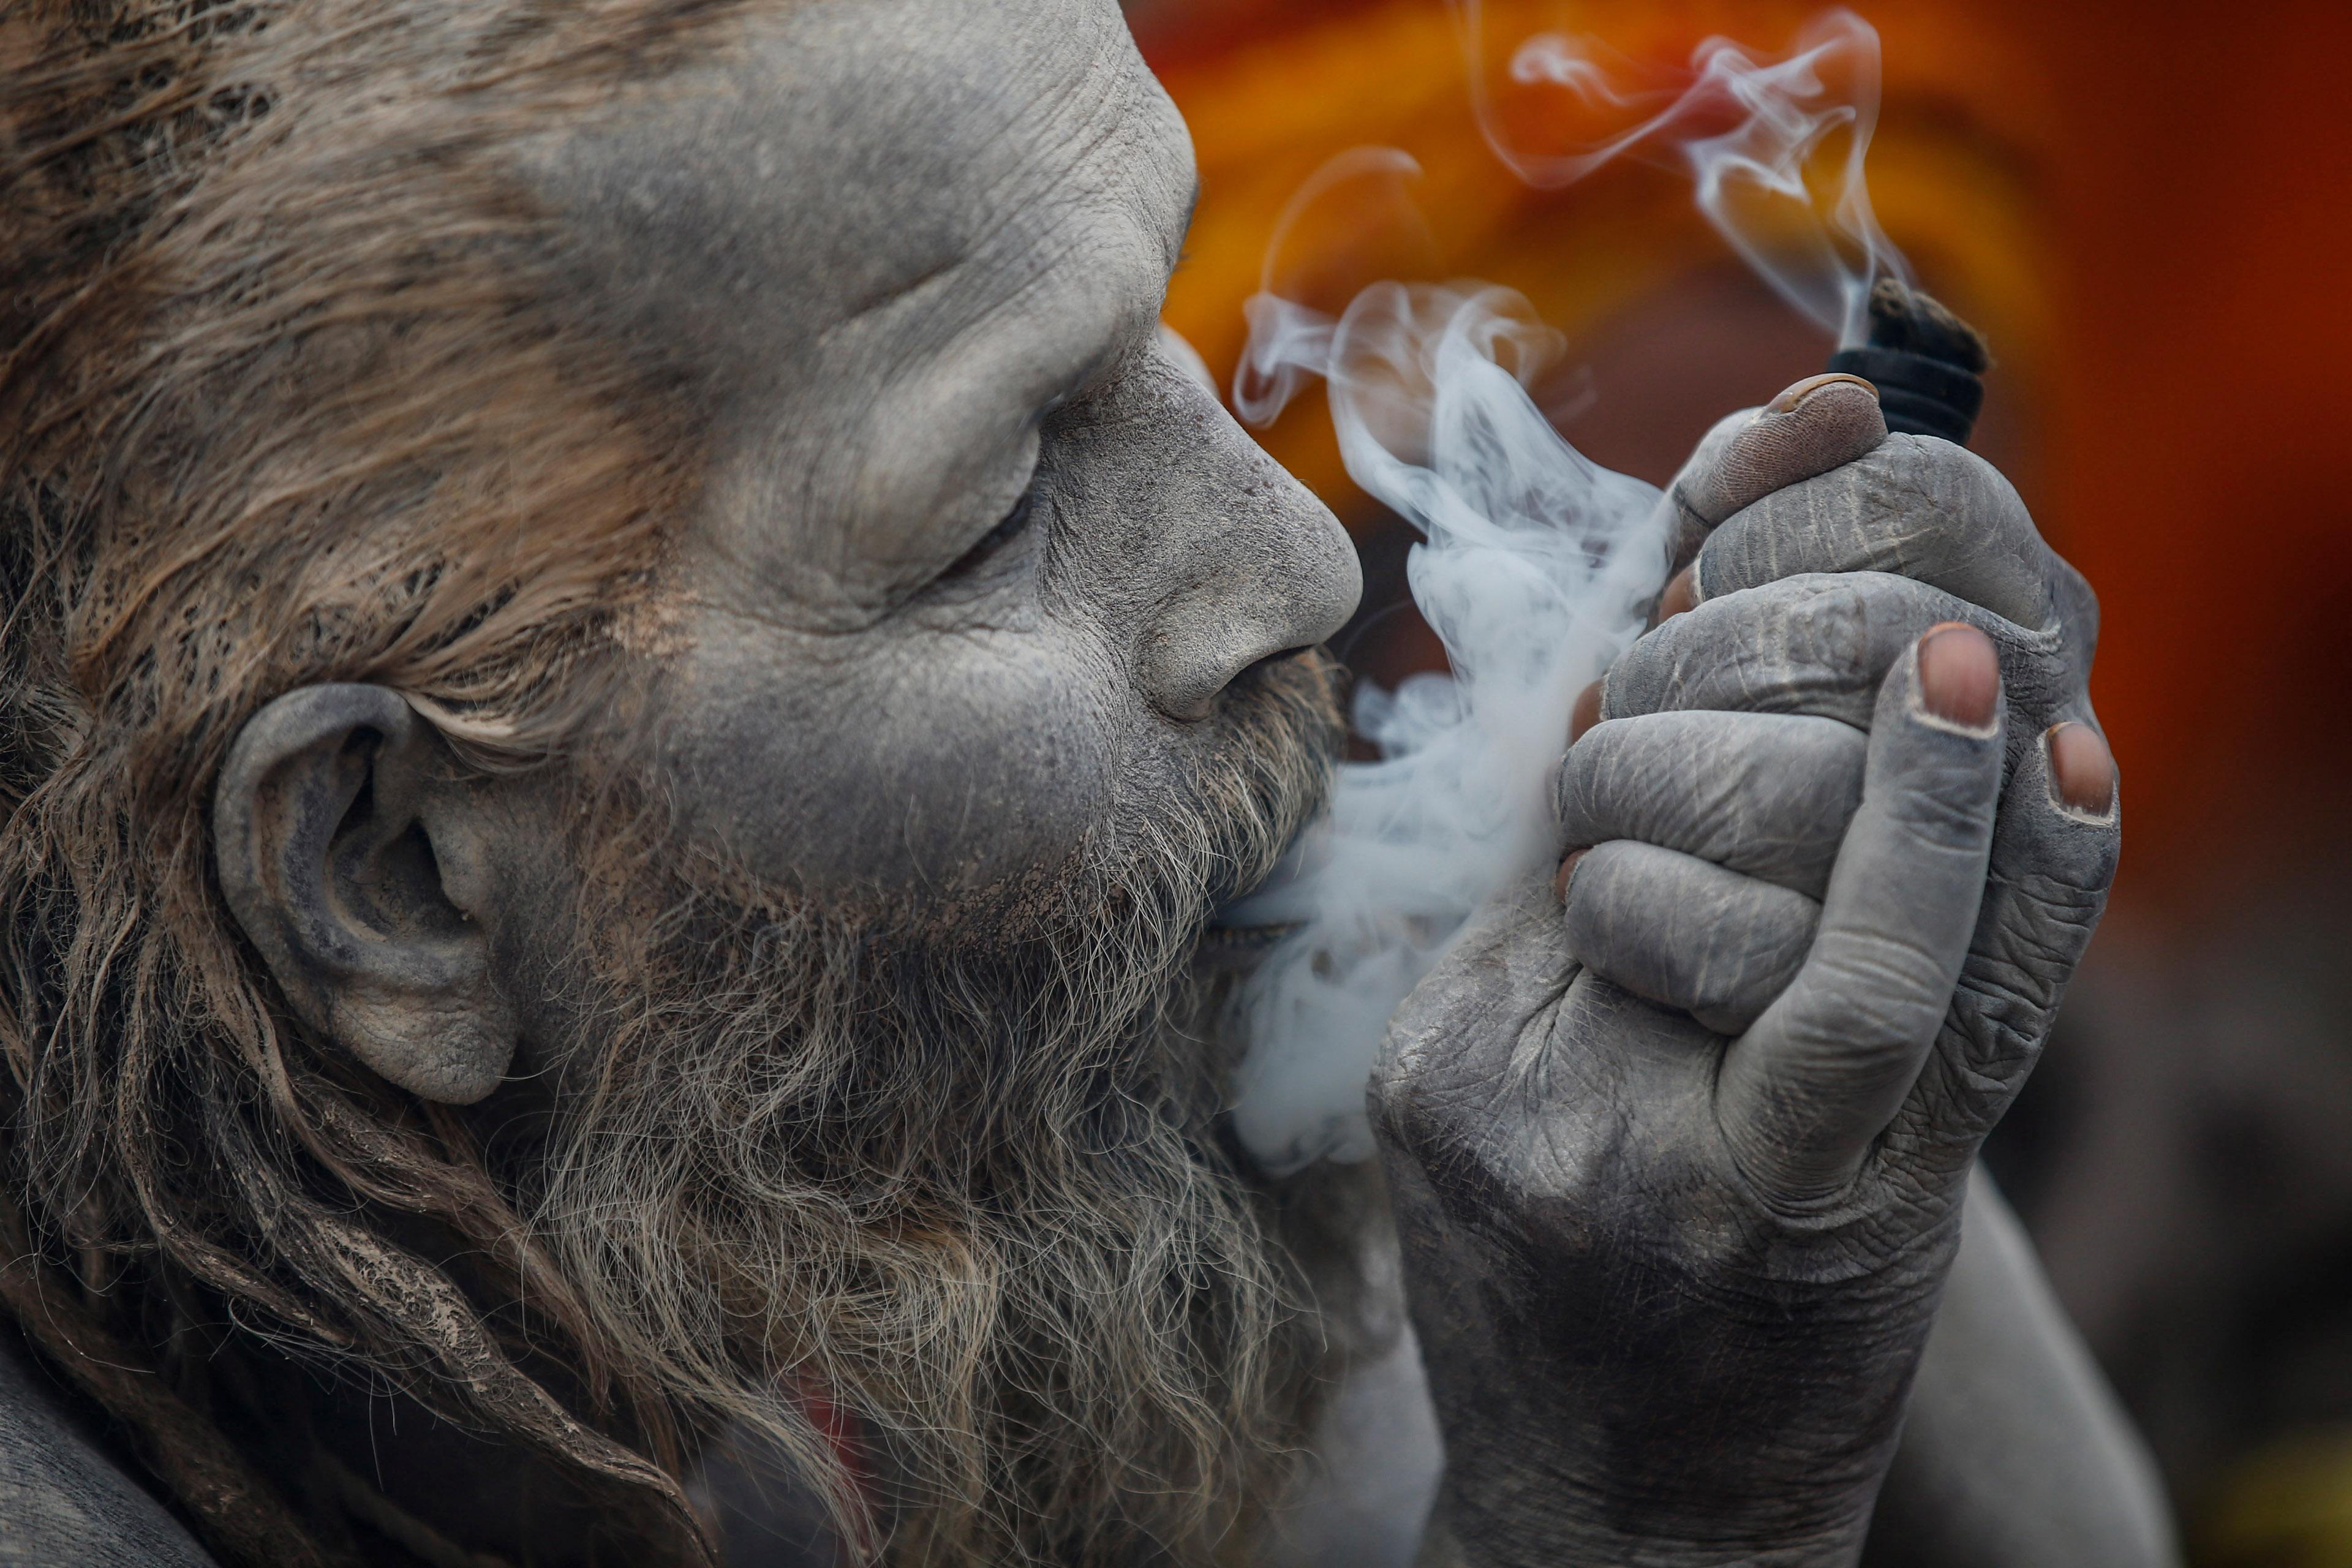 Solemn Portraits from the Maha Shivaratri Festival